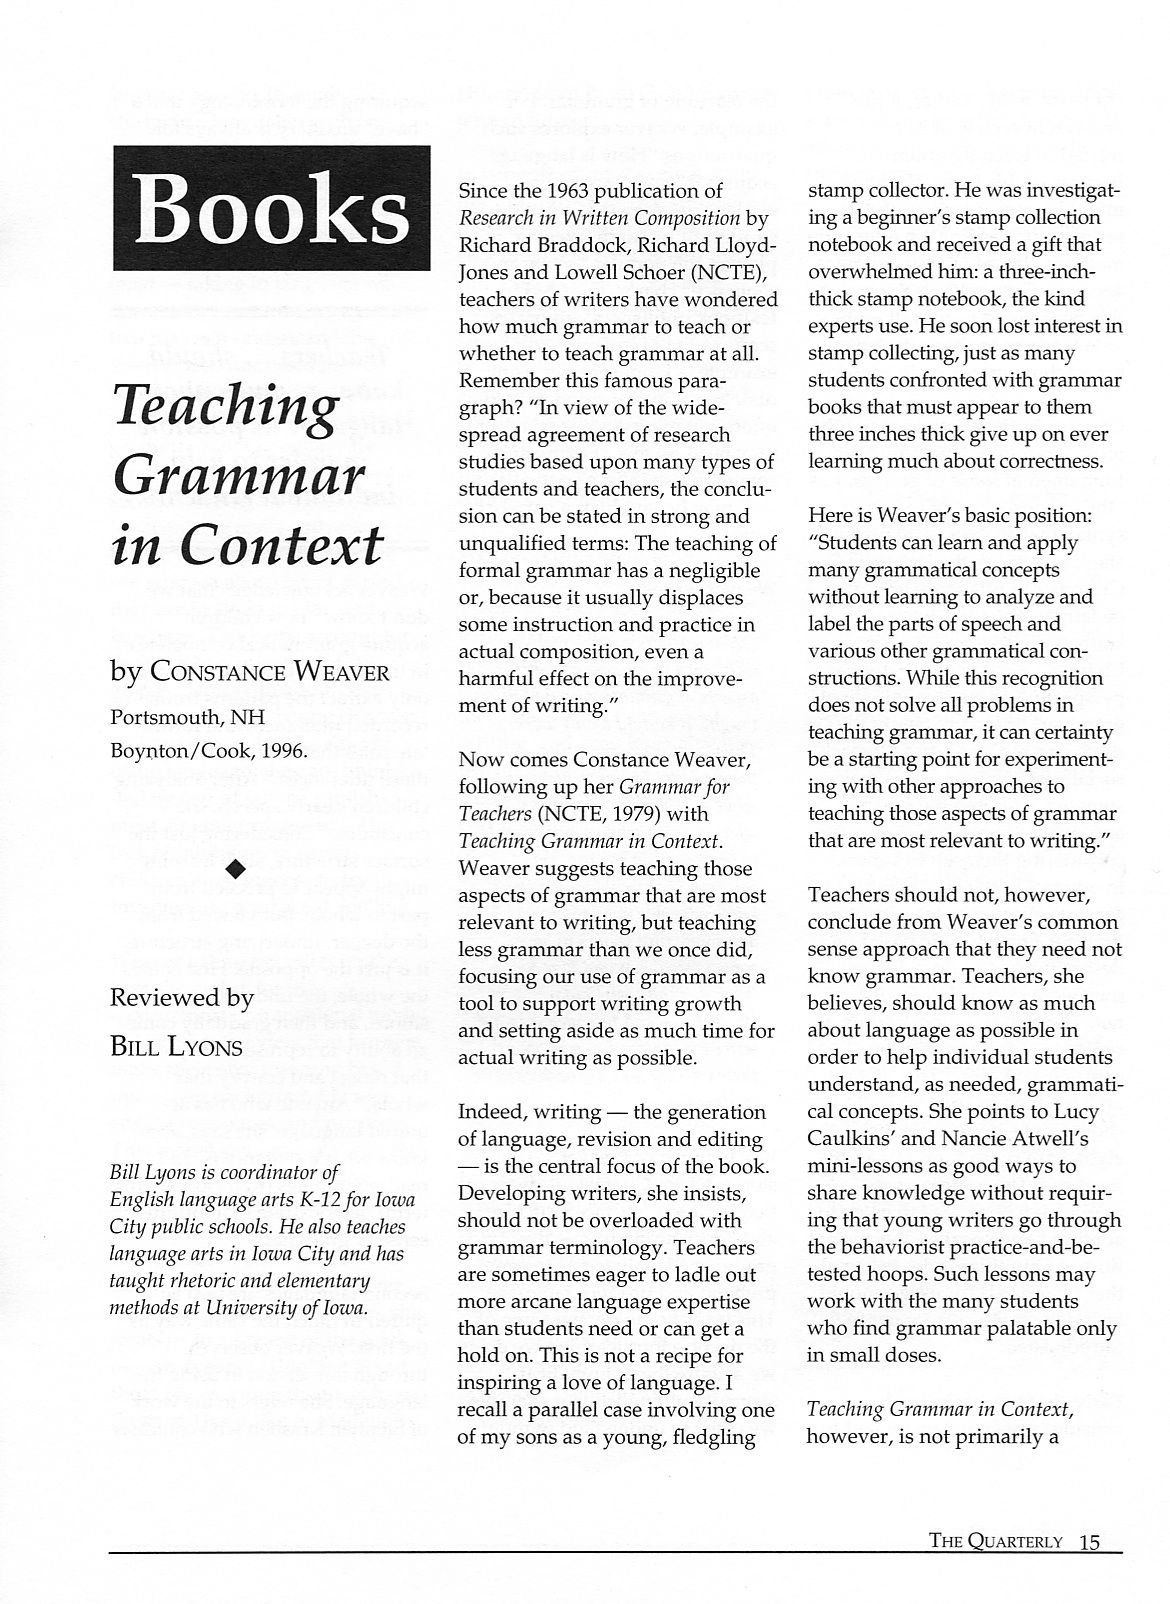 teaching grammar in context blog